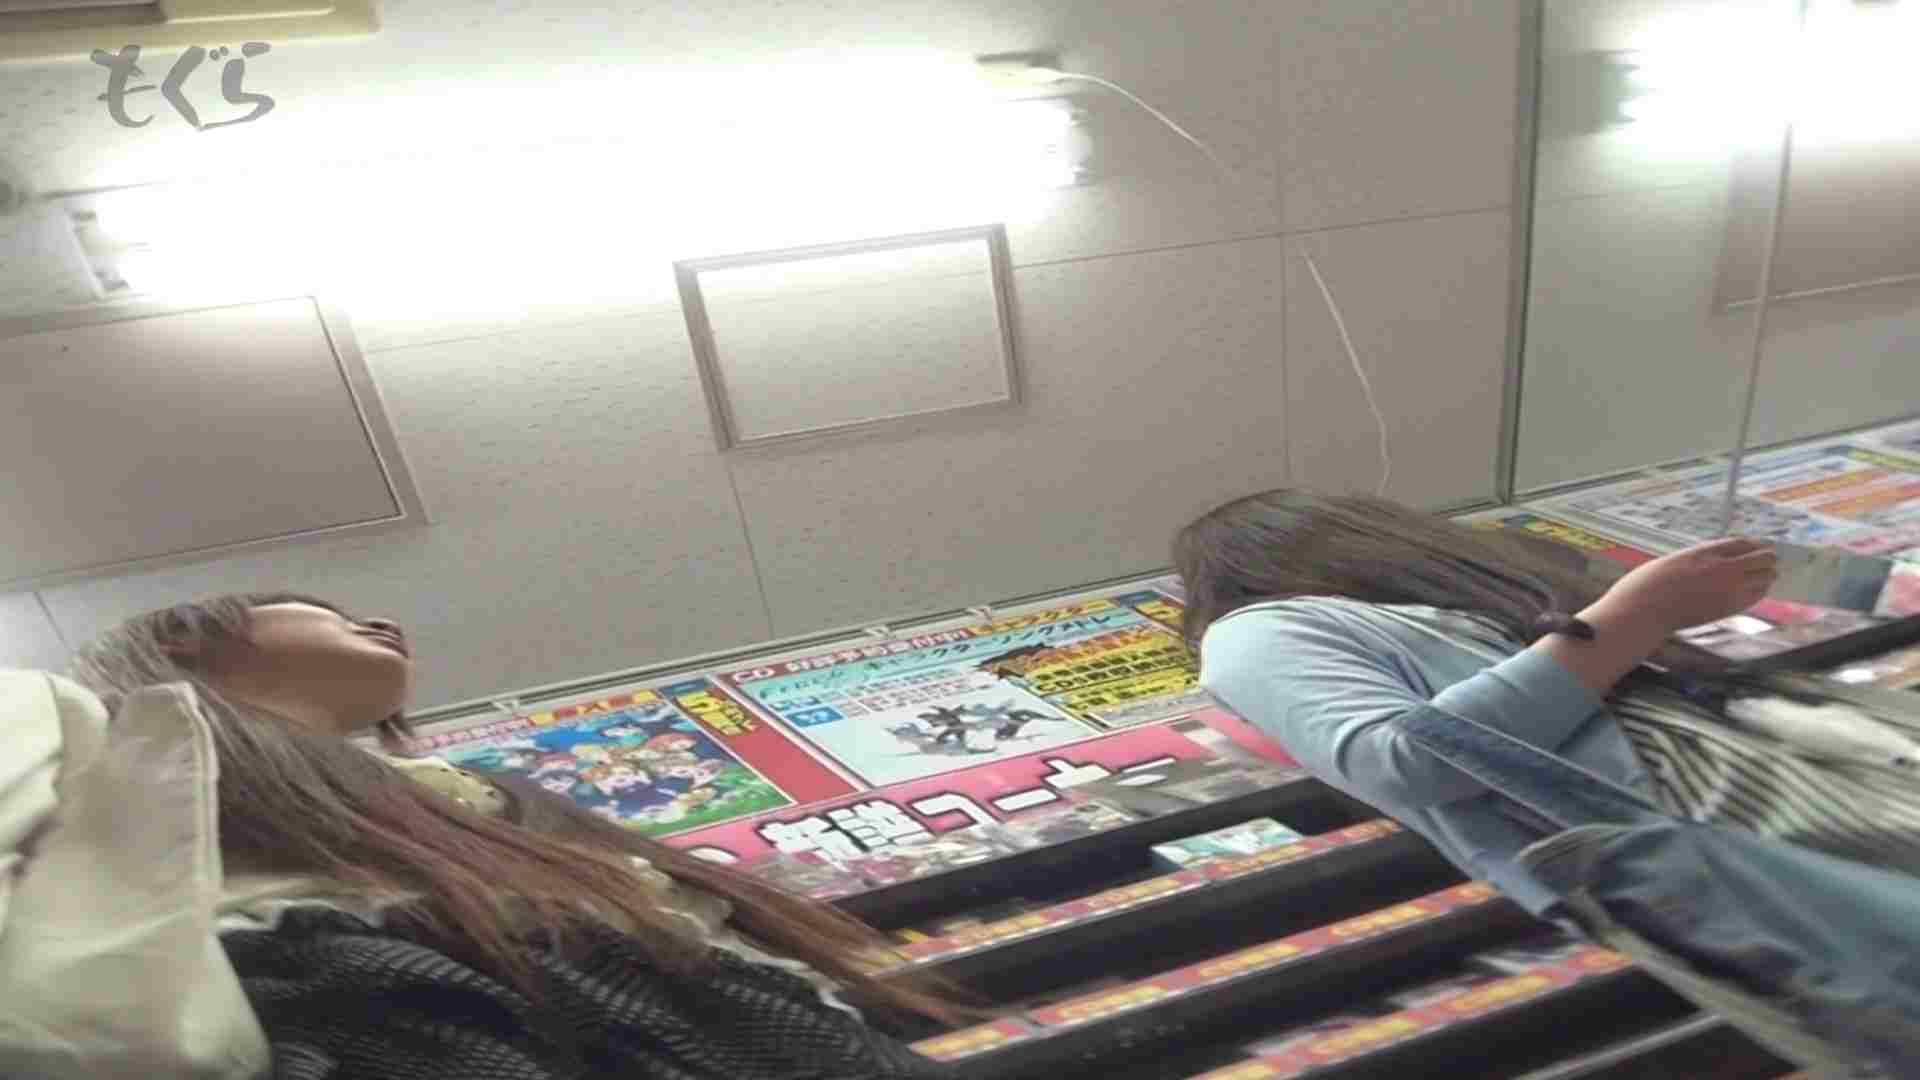 隣からNo19 清楚系ミニスカの中のむっちりとした太もも!! むっちり ワレメ無修正動画無料 112画像 101